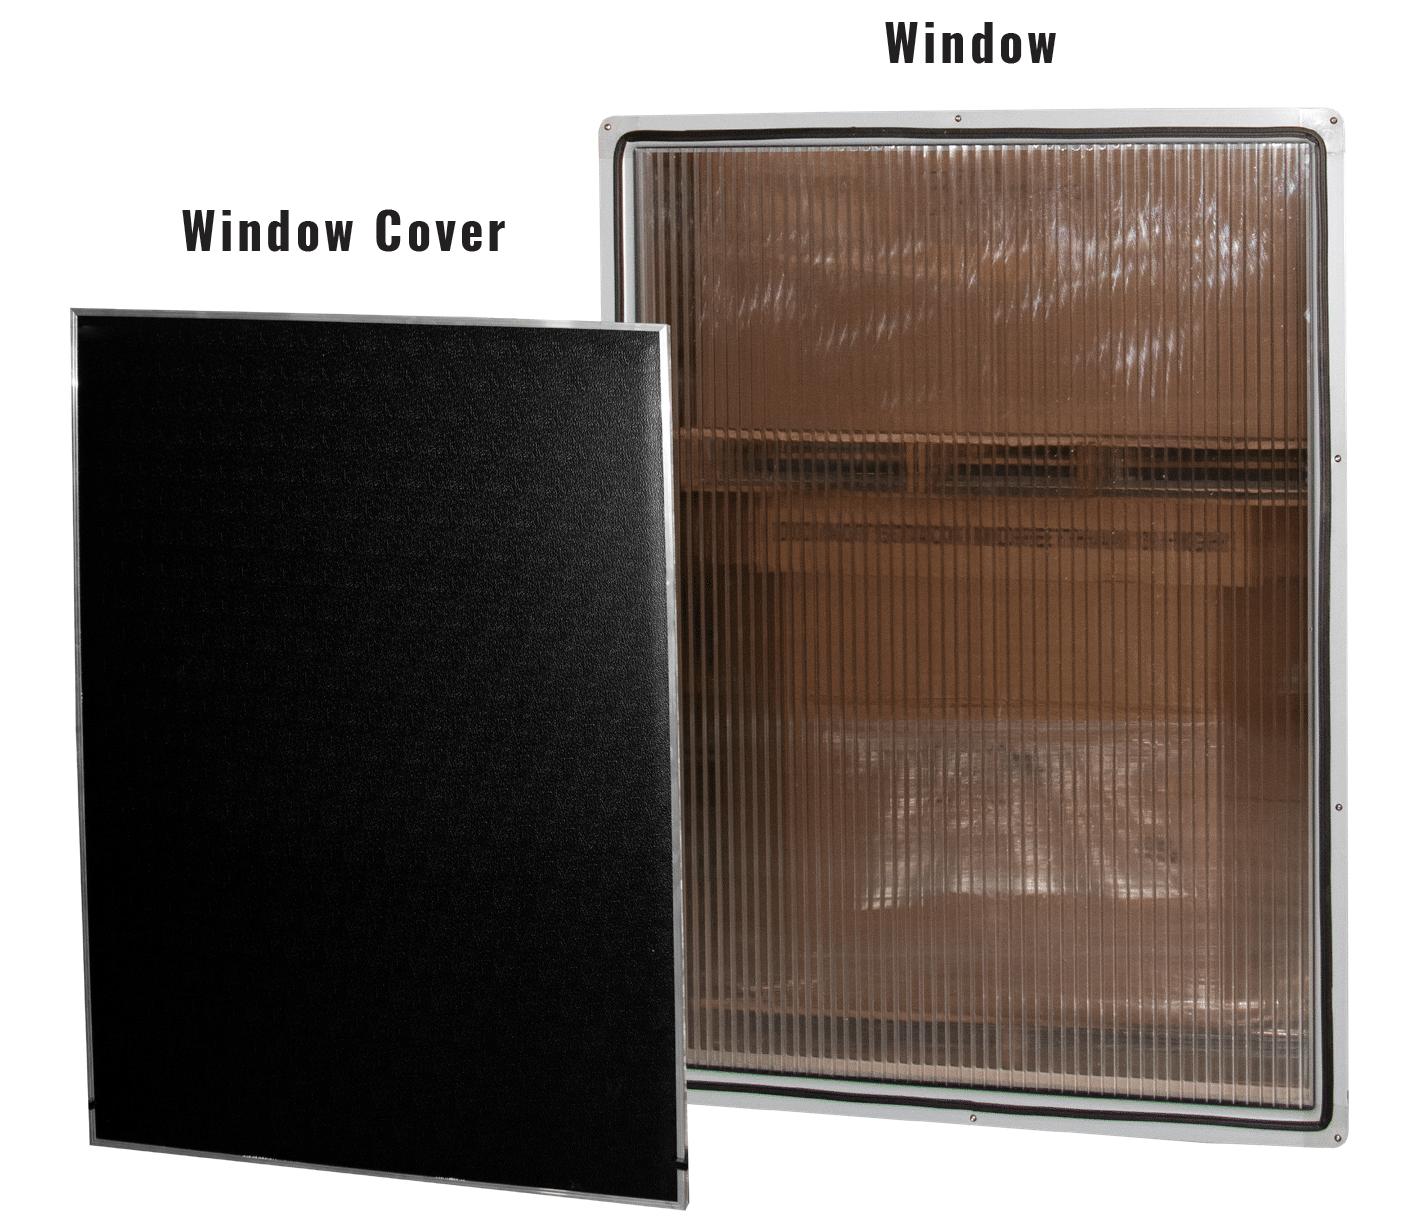 Poultry Window